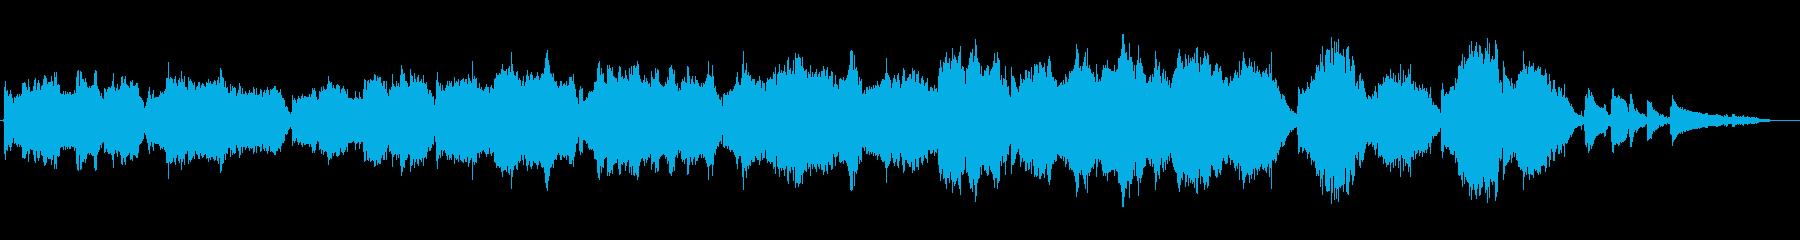 童謡「七夕様」哀愁アレンジ。の再生済みの波形